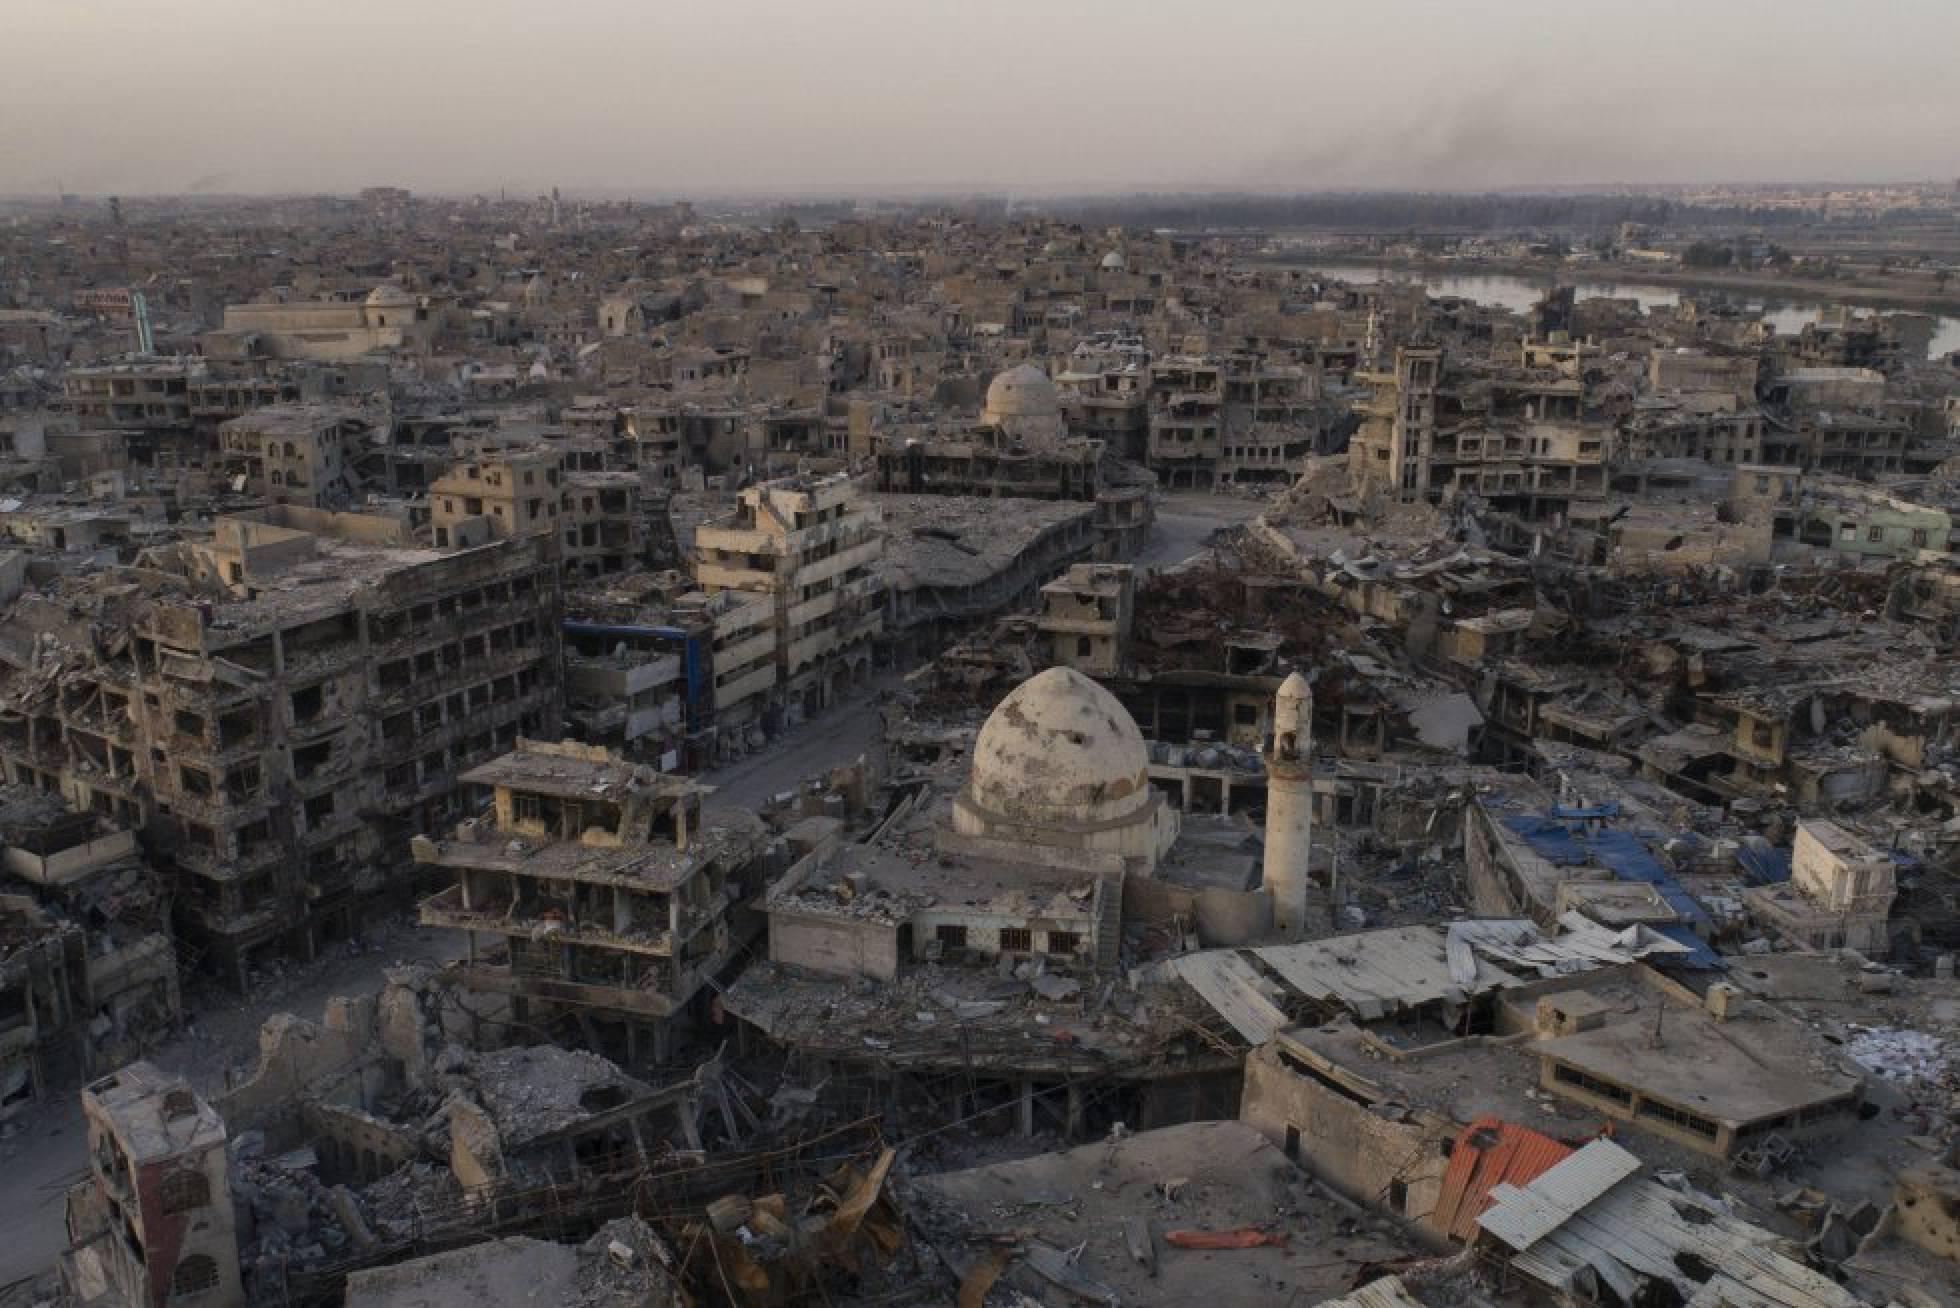 Irak: Crisis políticas, tensiones  sociales  y luchas militares interburguesas. - Página 17 1528385076_680069_1528395769_sumario_normal_recorte1